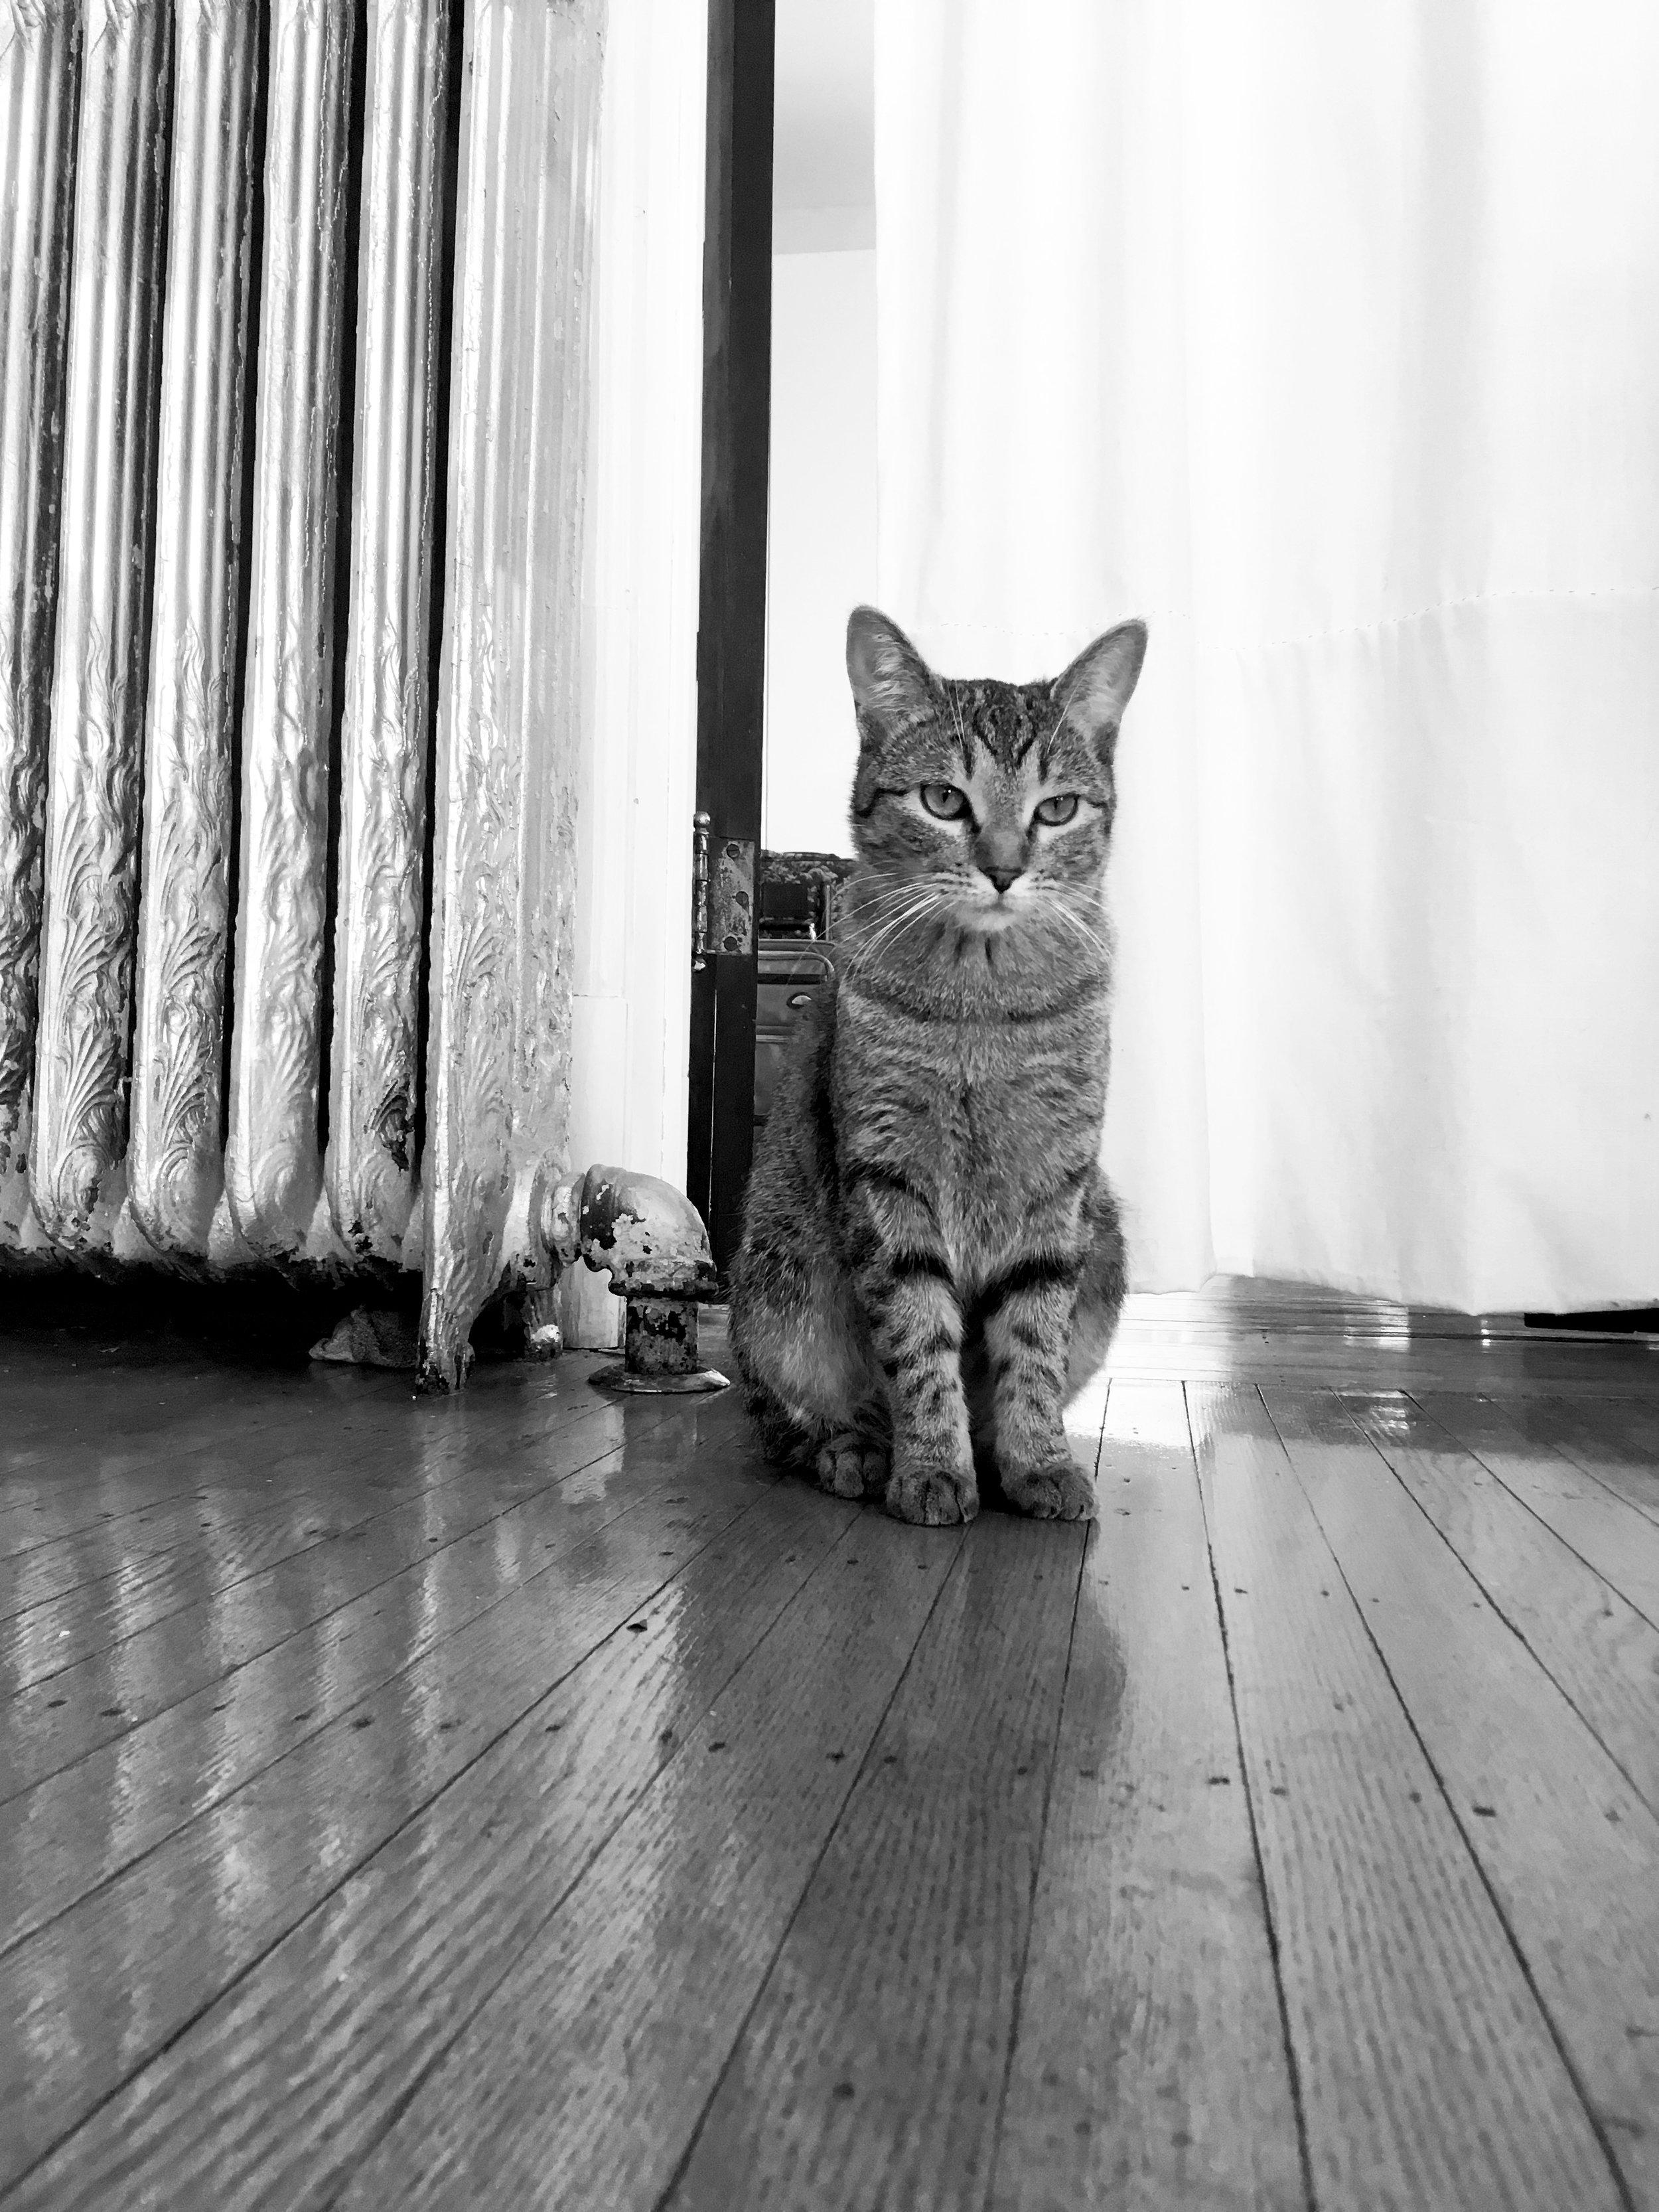 My kitten, Toasty.